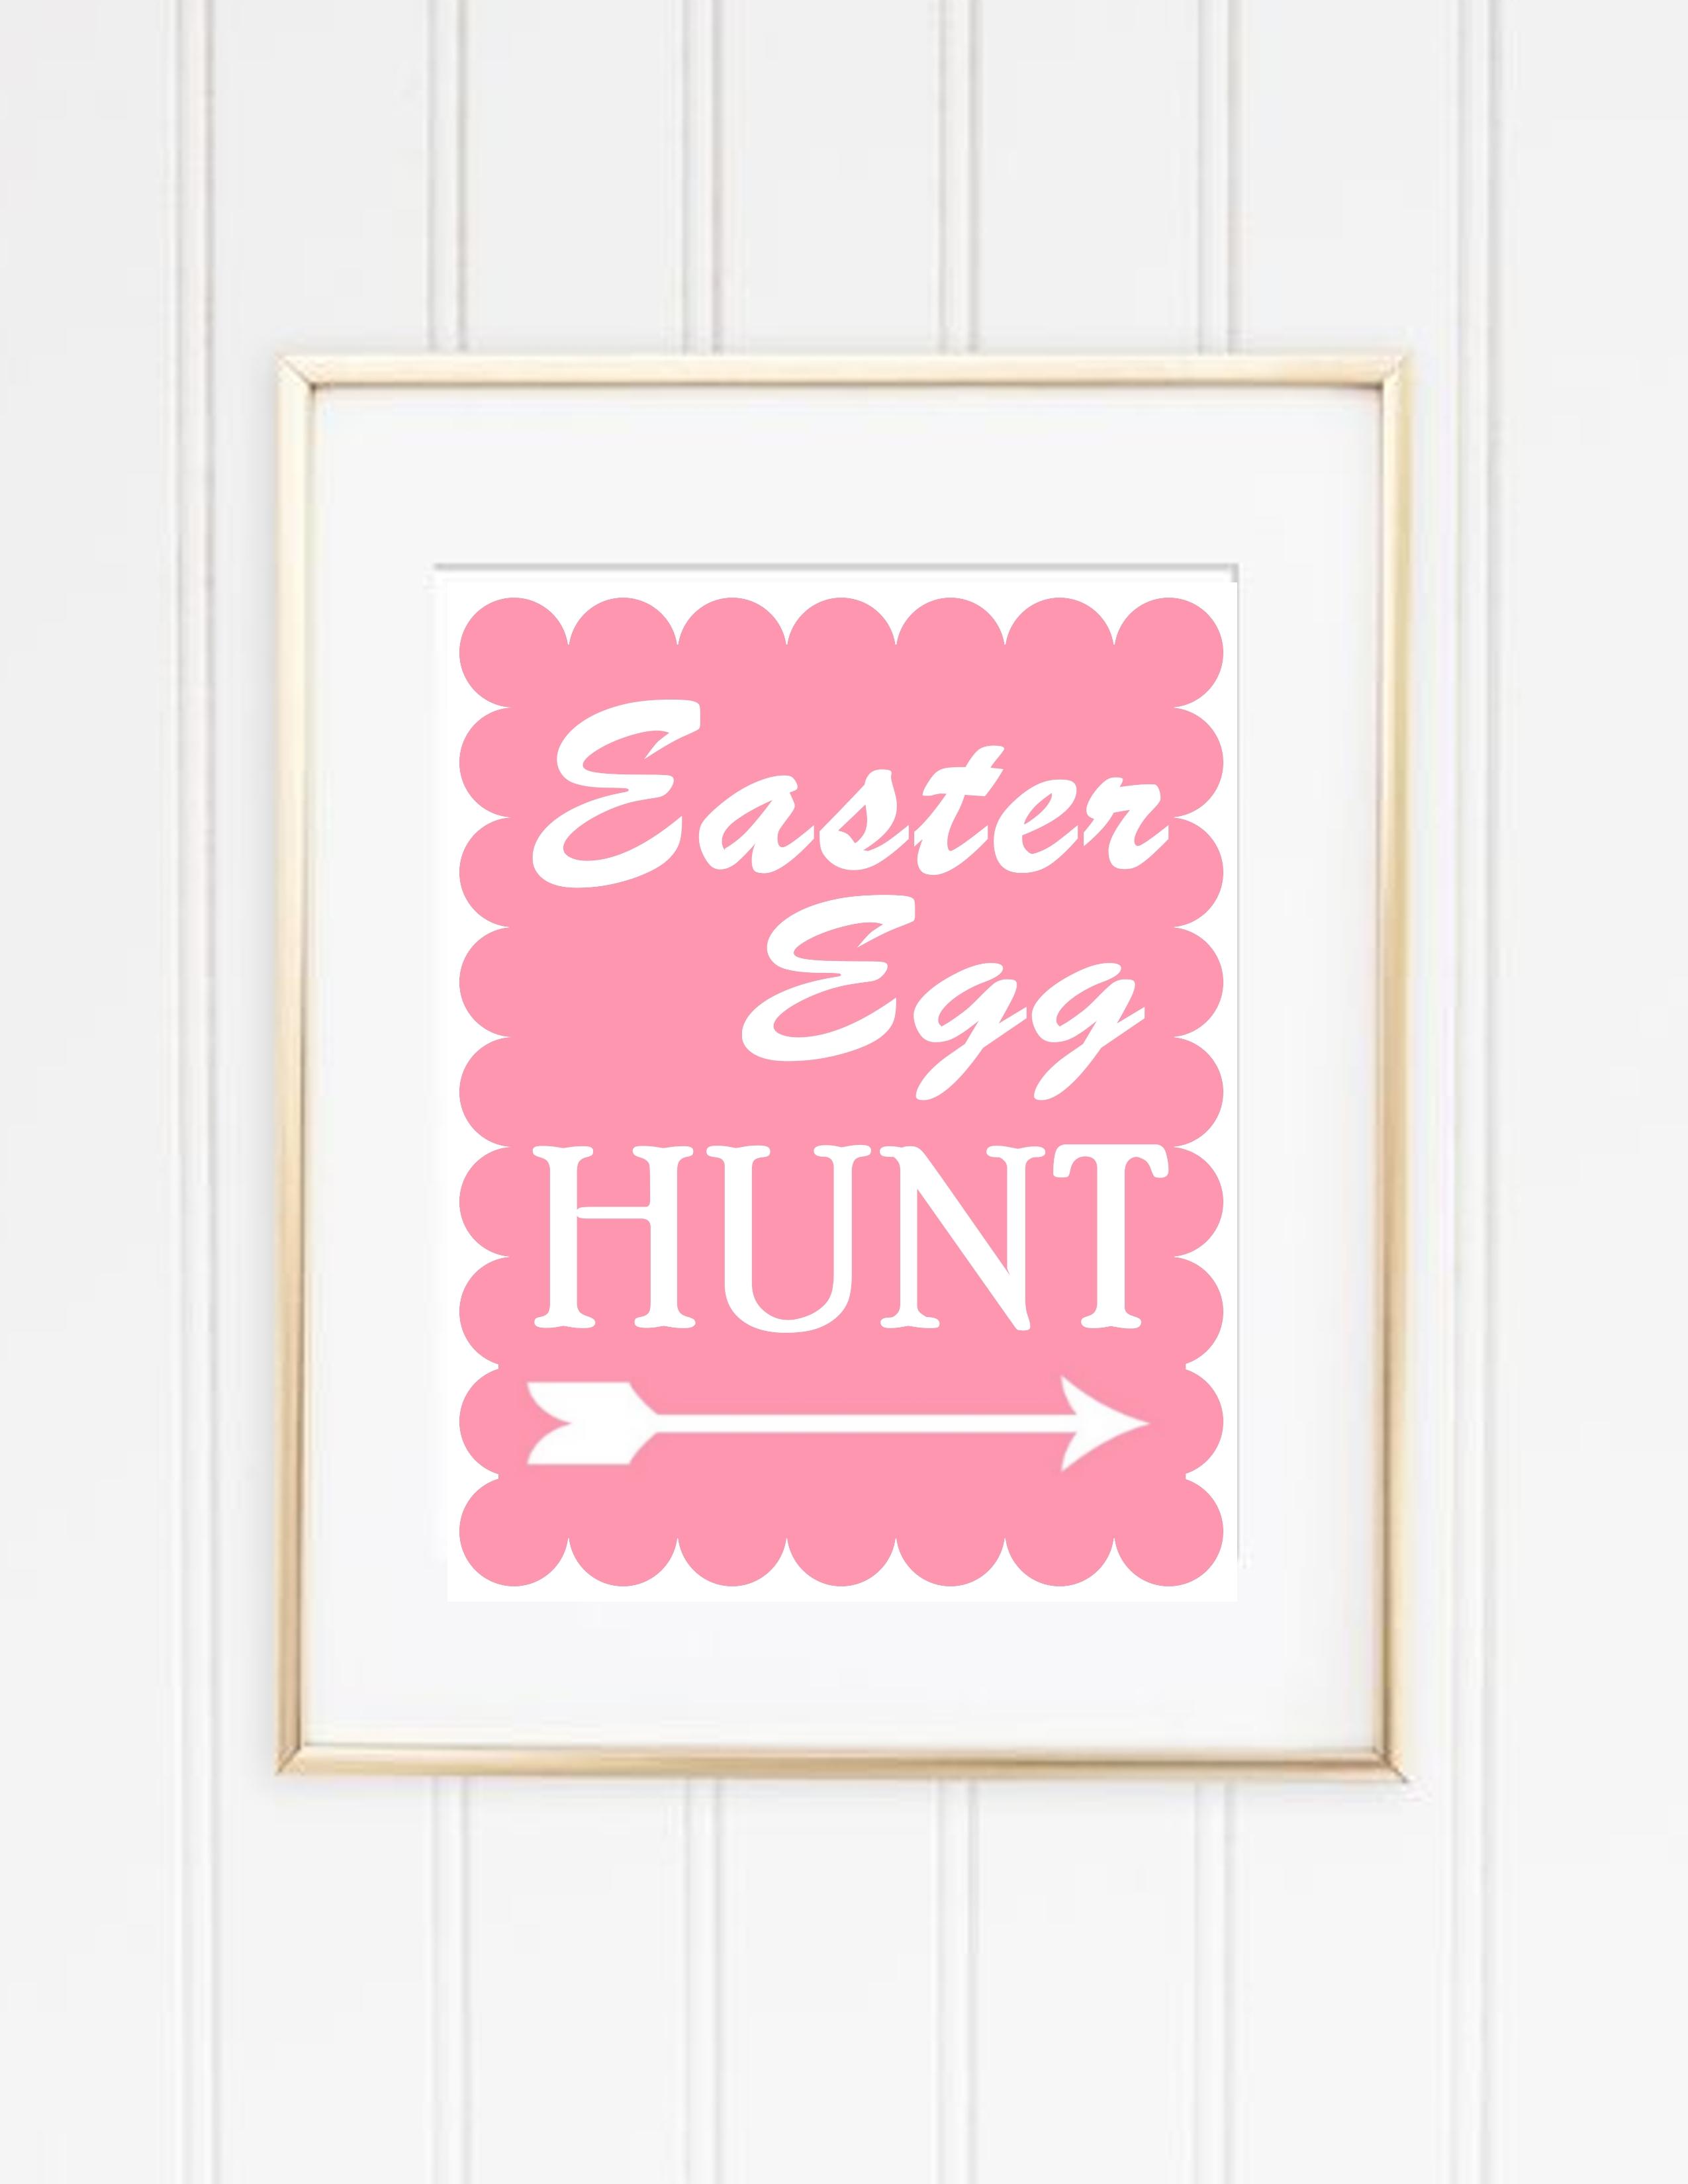 Easter Egg Hunt Printable Sign